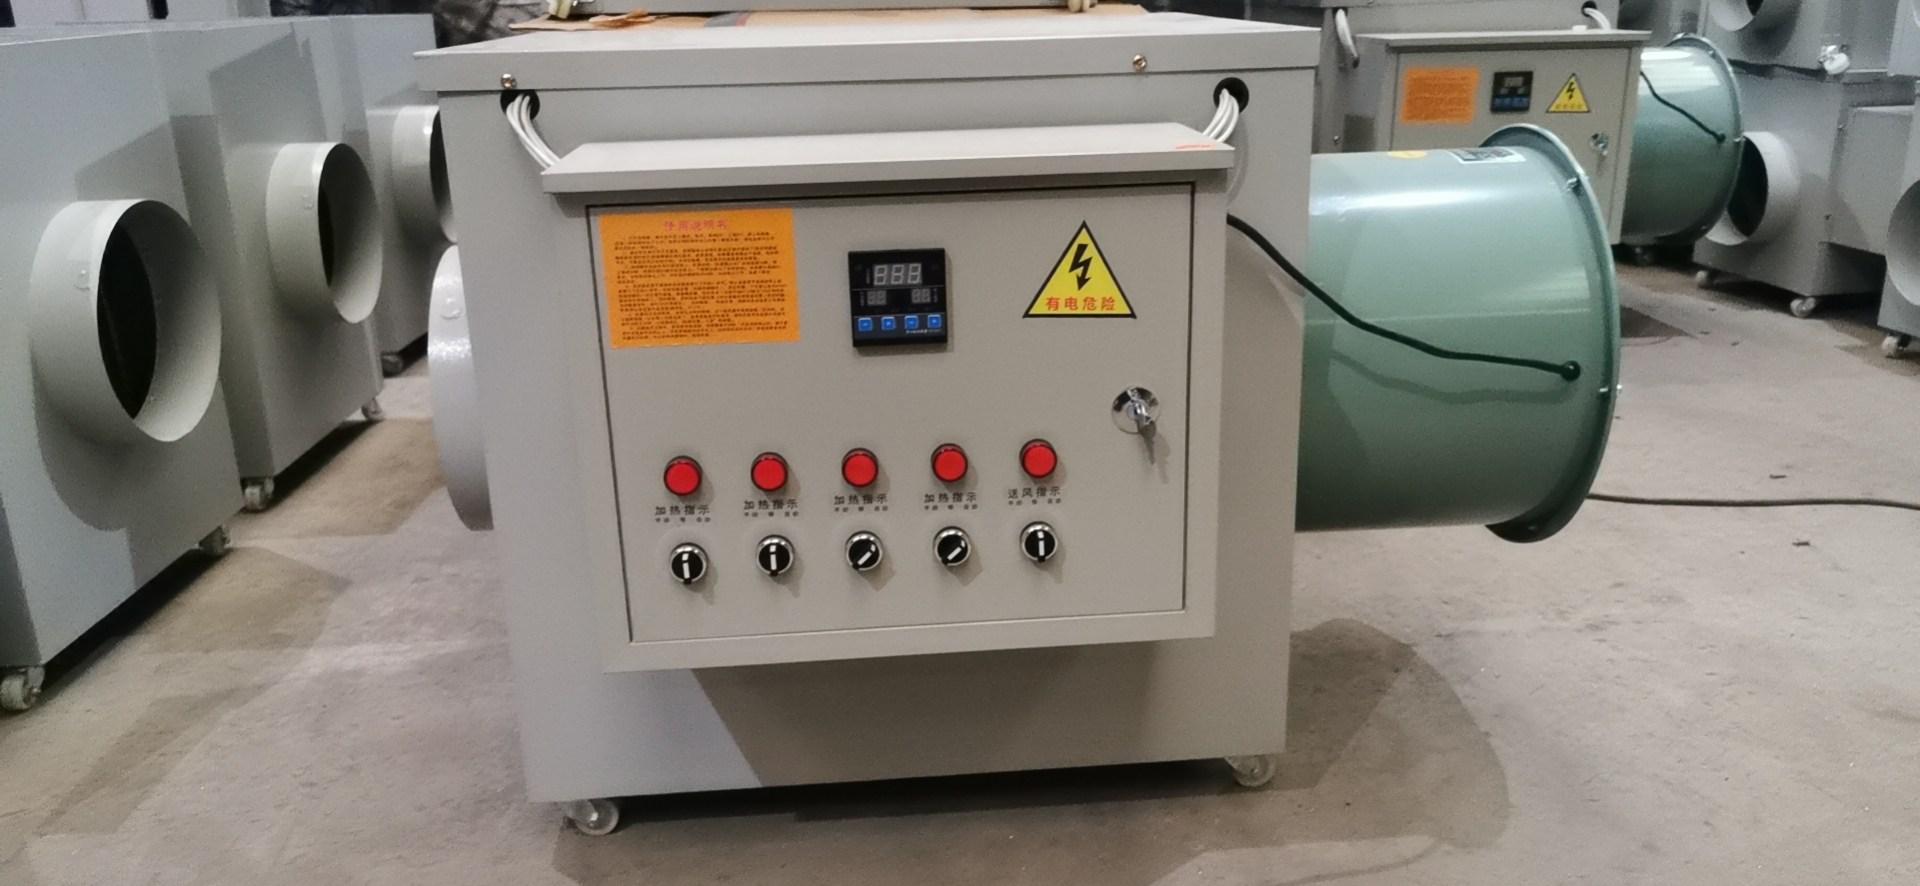 빨래건조기 양식 온풍기 대면적 공업 난방기 건조기, T10-40킬로와트/380볼트